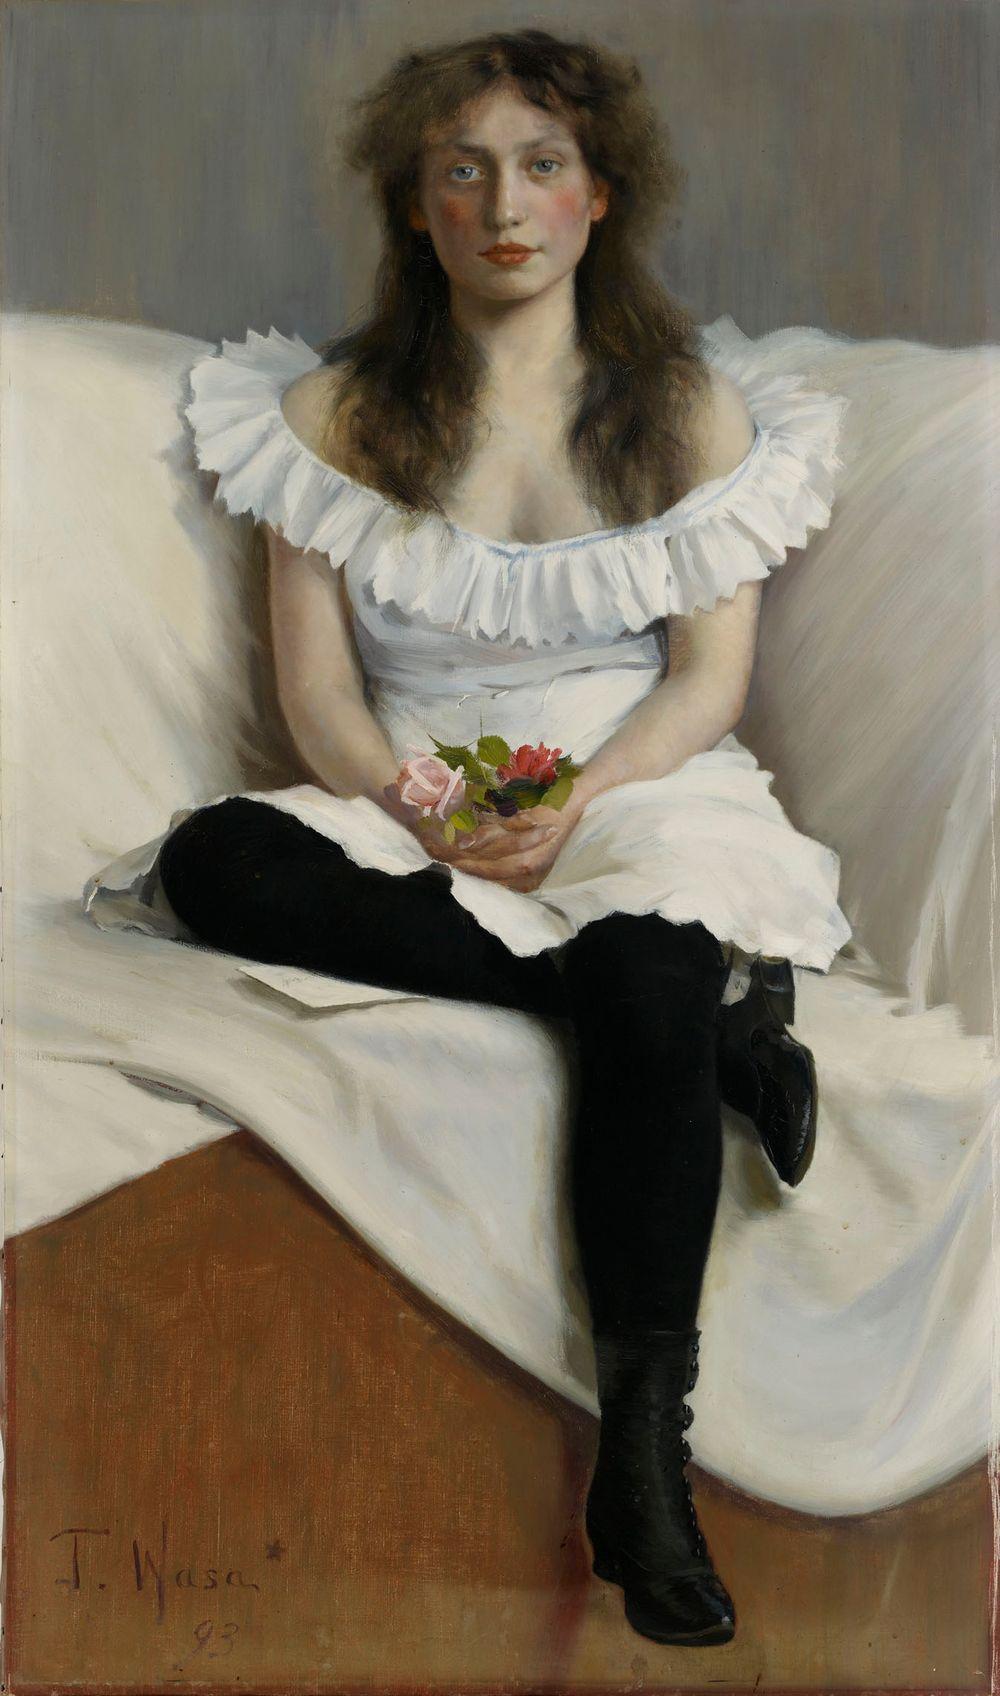 Nuoren valkopukuisen naisen muotokuva